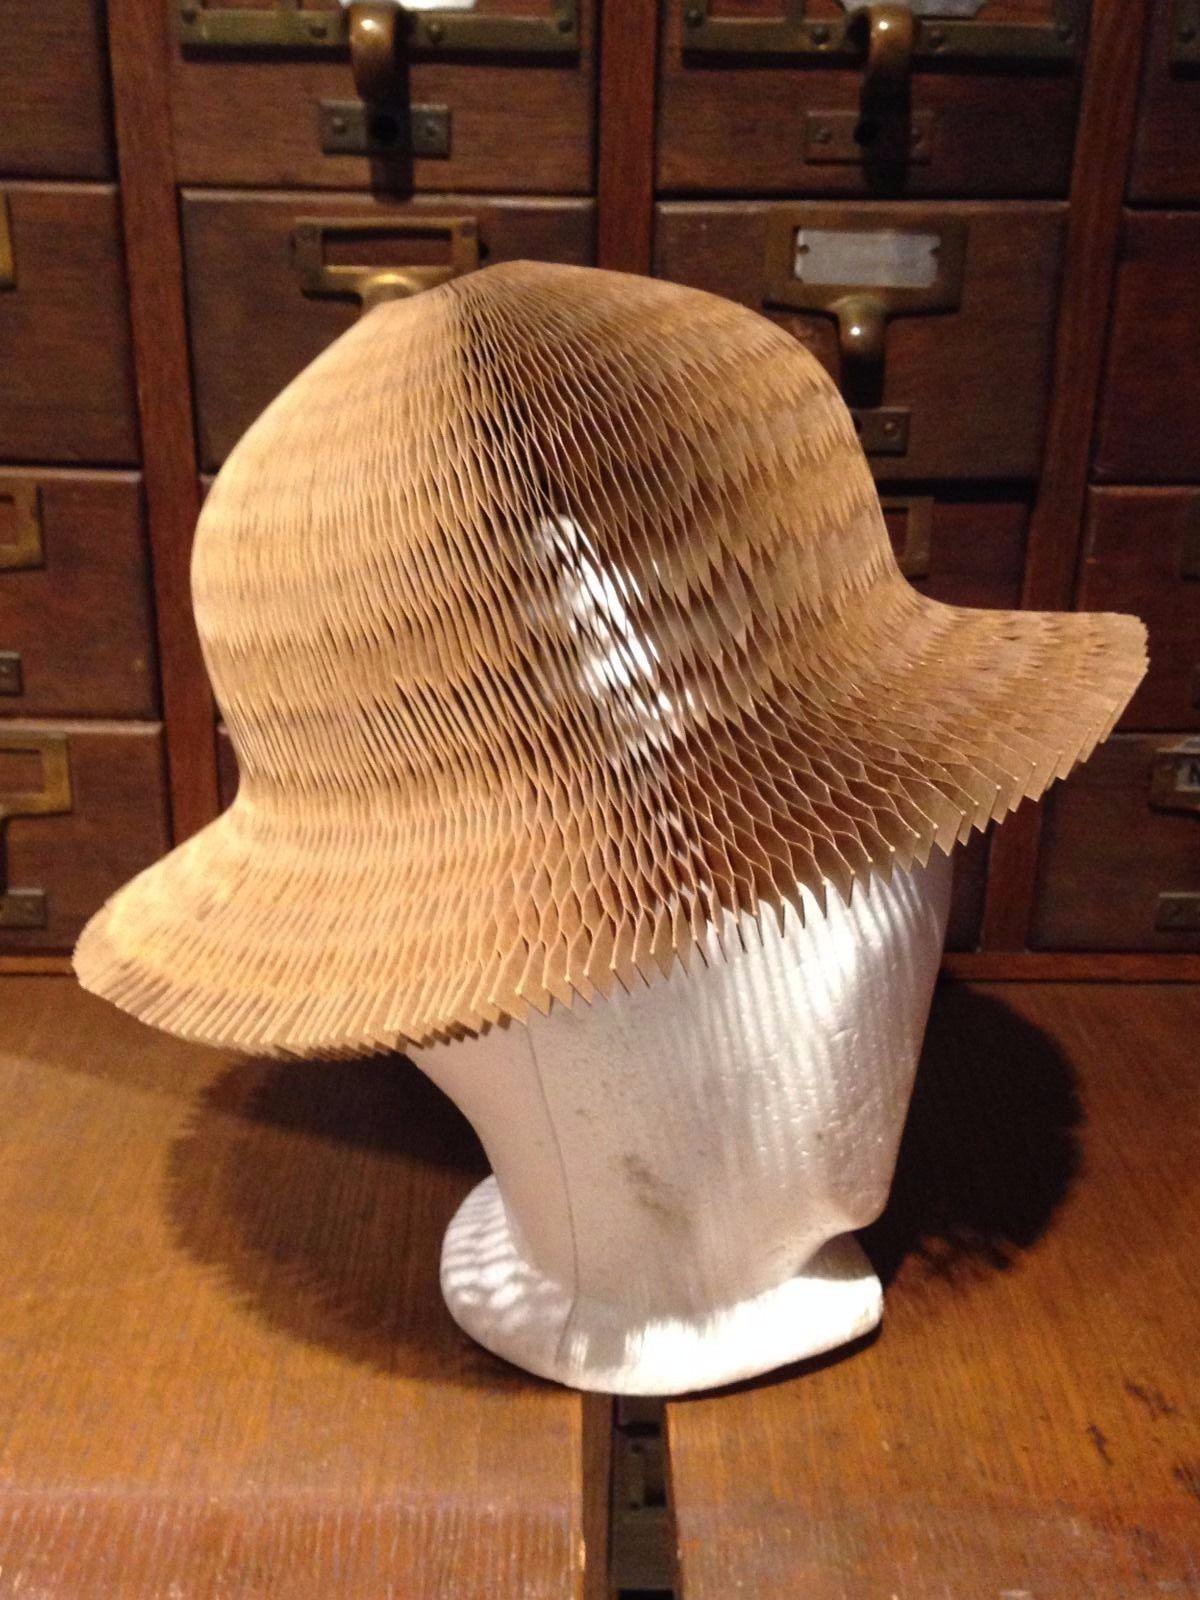 Rare Vintage Catwalk Cardboard Hat